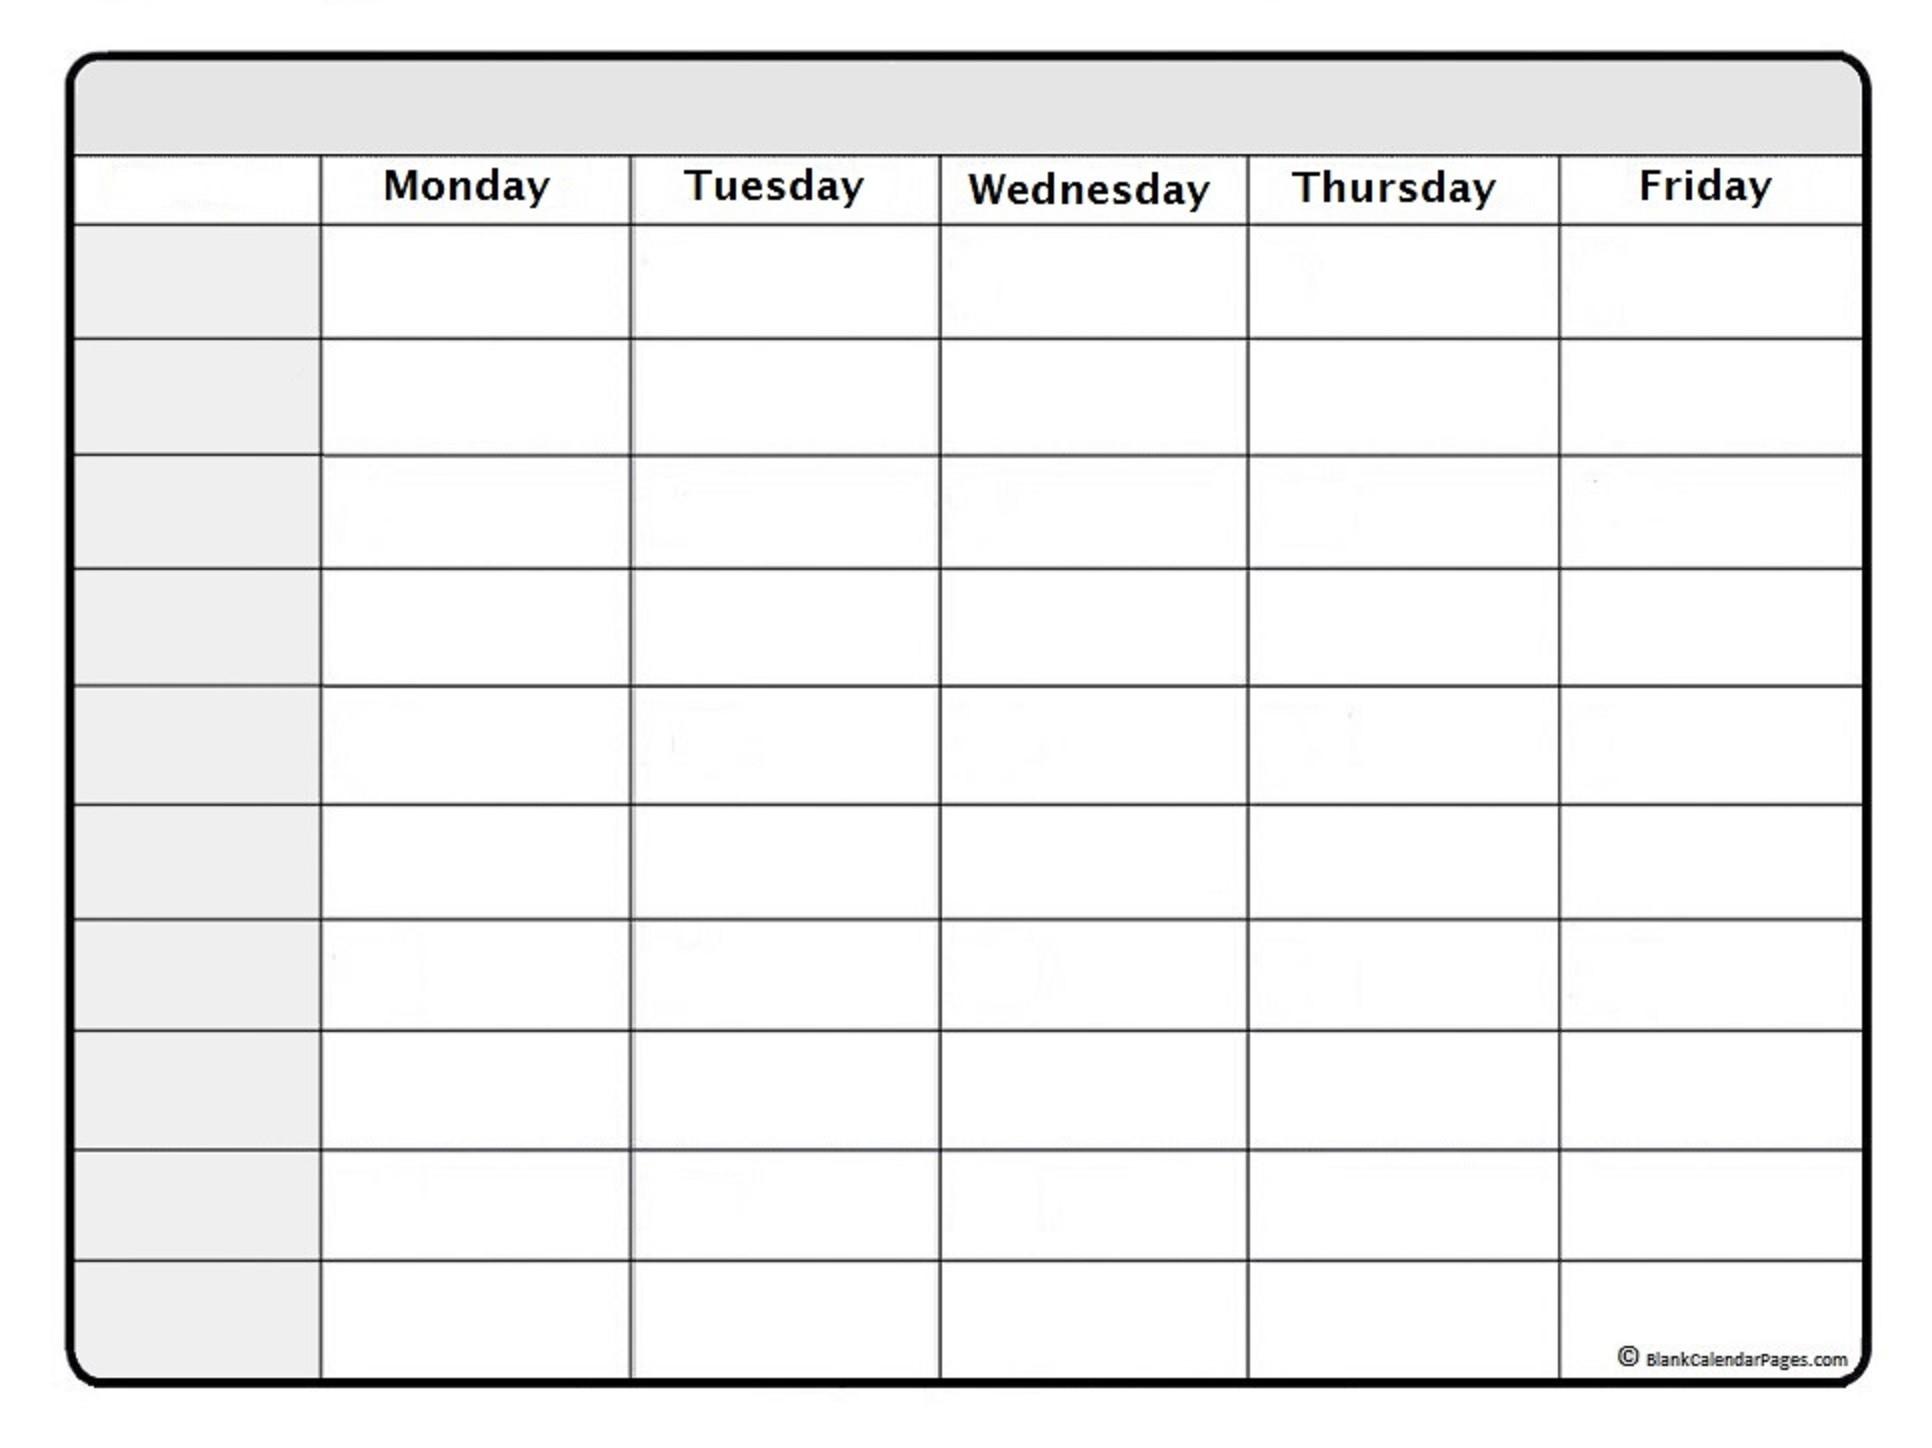 September 2019 Weekly Calendar | September 2019 Weekly-One Week Calendar Printable Blank